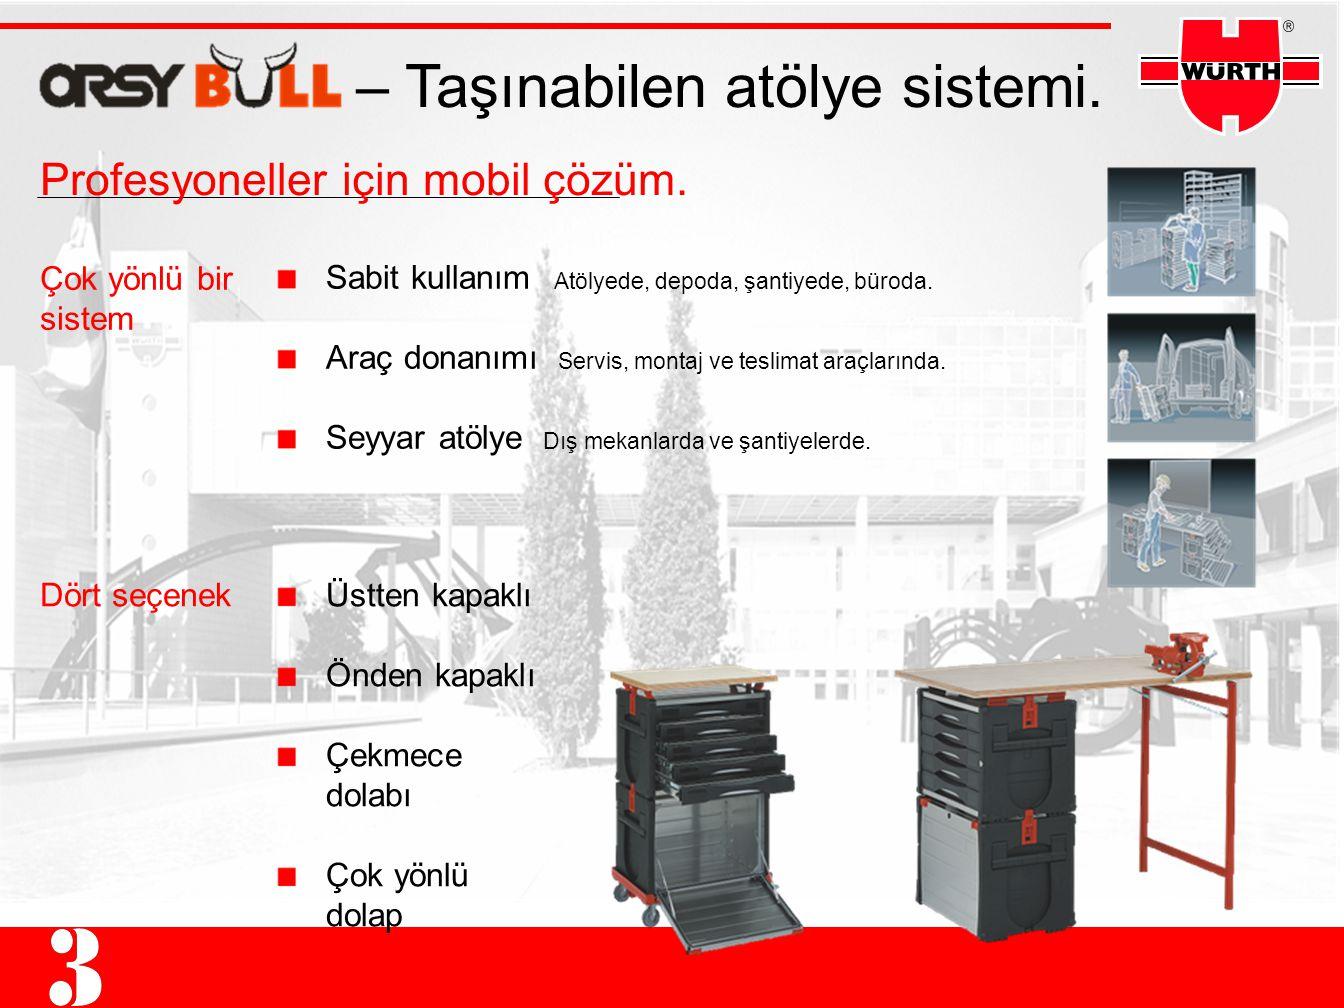 – Taşınabilen atölye sistemi.Sabit kullanım Atölyede, depoda, şantiyede, büroda.